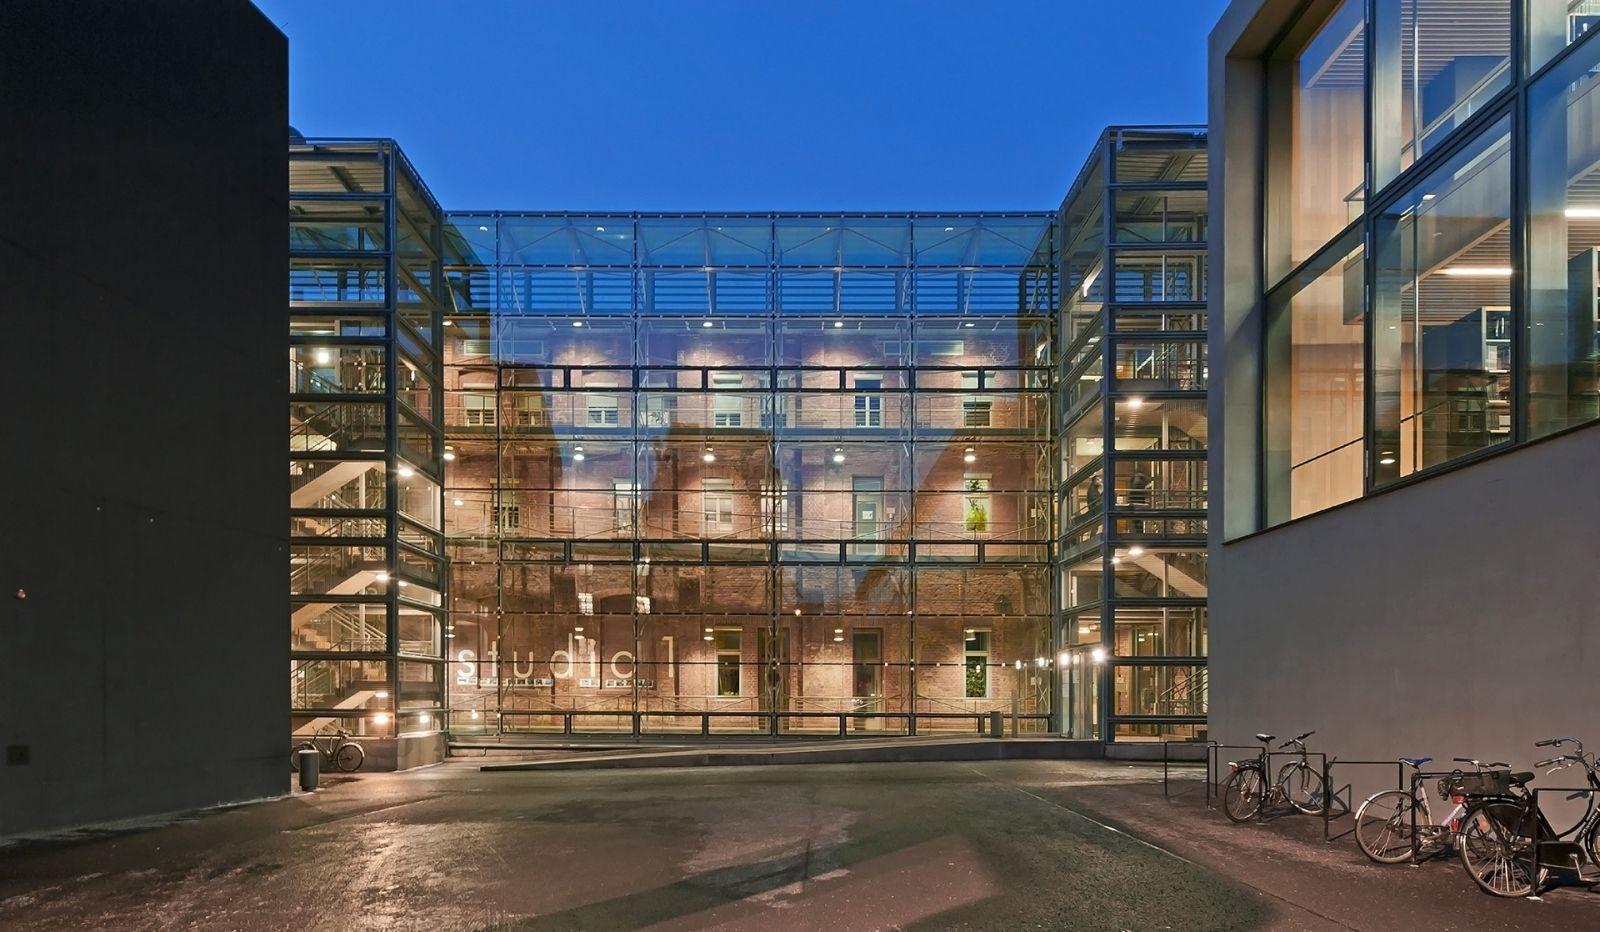 Architekten Weimar medienhaus bauhaus uni weimar pohl architekten architecture